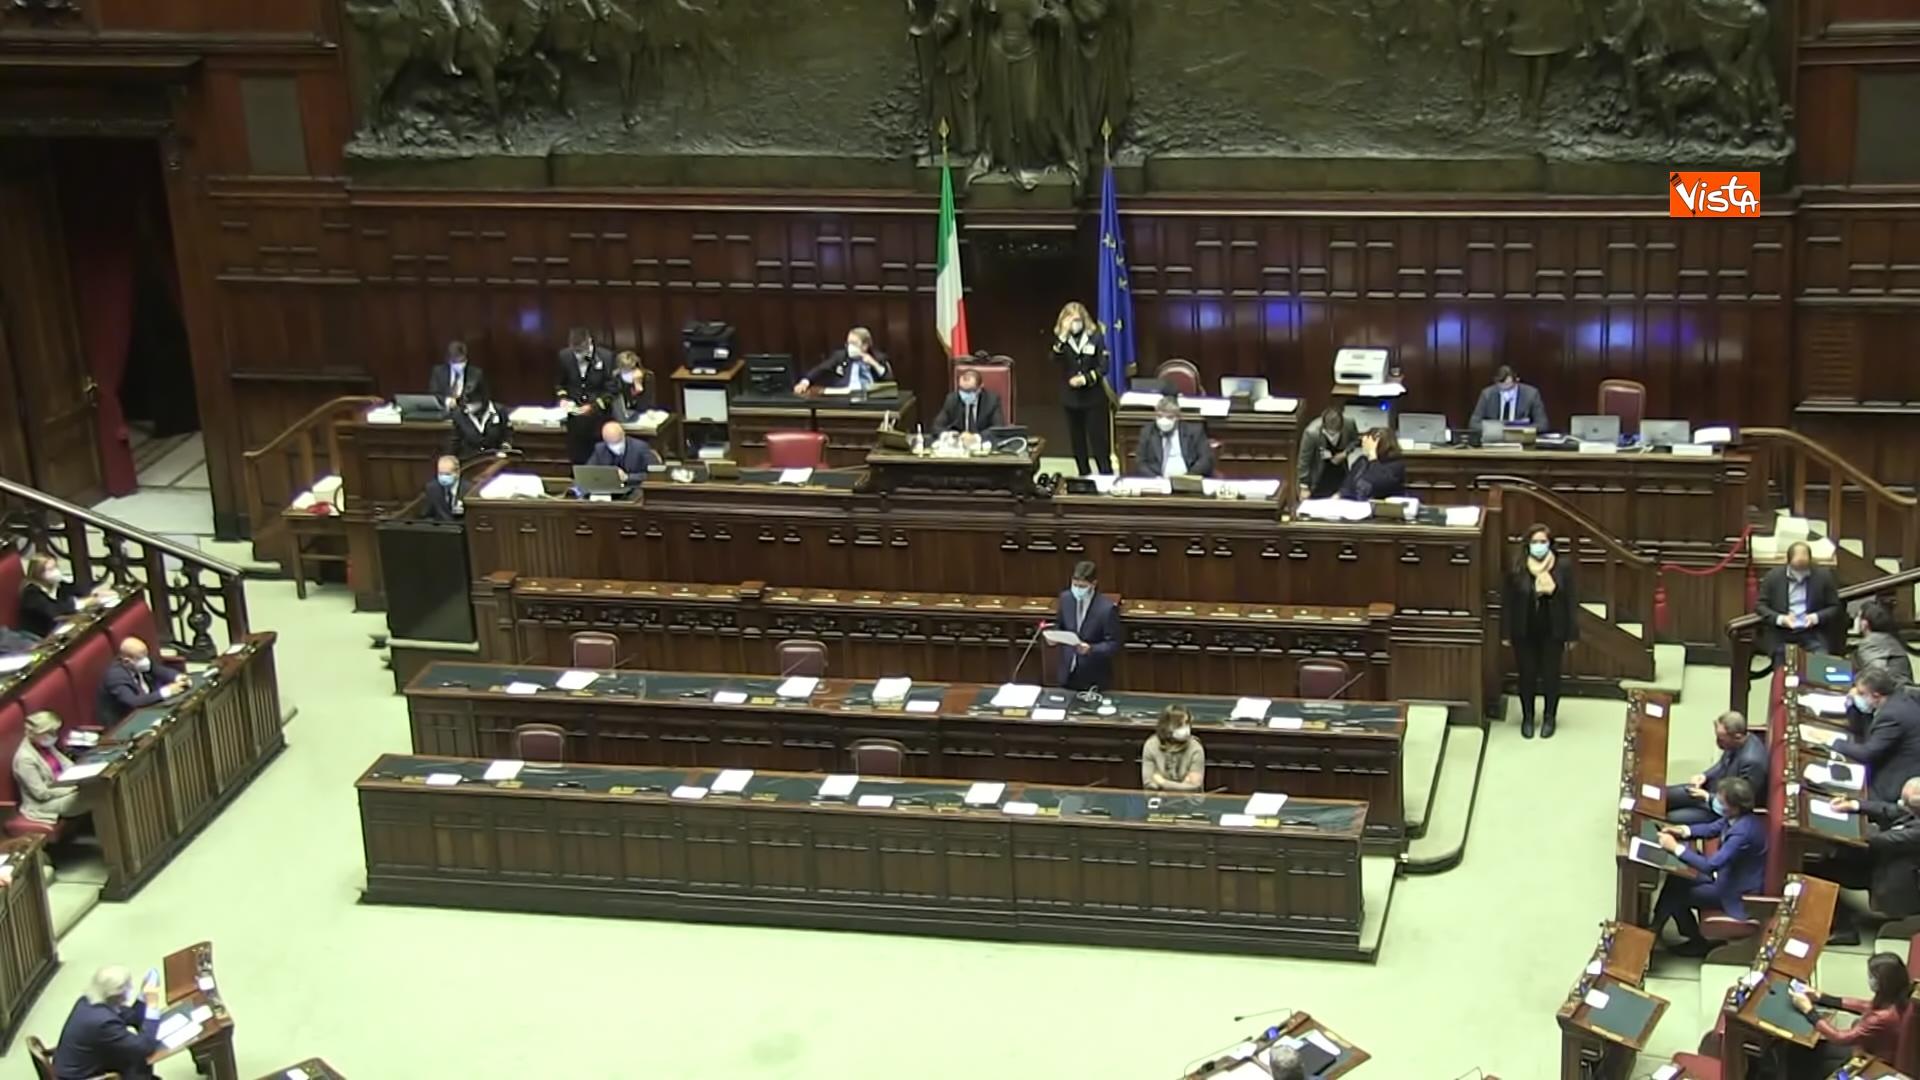 02-12-20 Il ministro Speranza riferisce alla Camera su piano vaccini e nuovo Dpcm, le foto_08